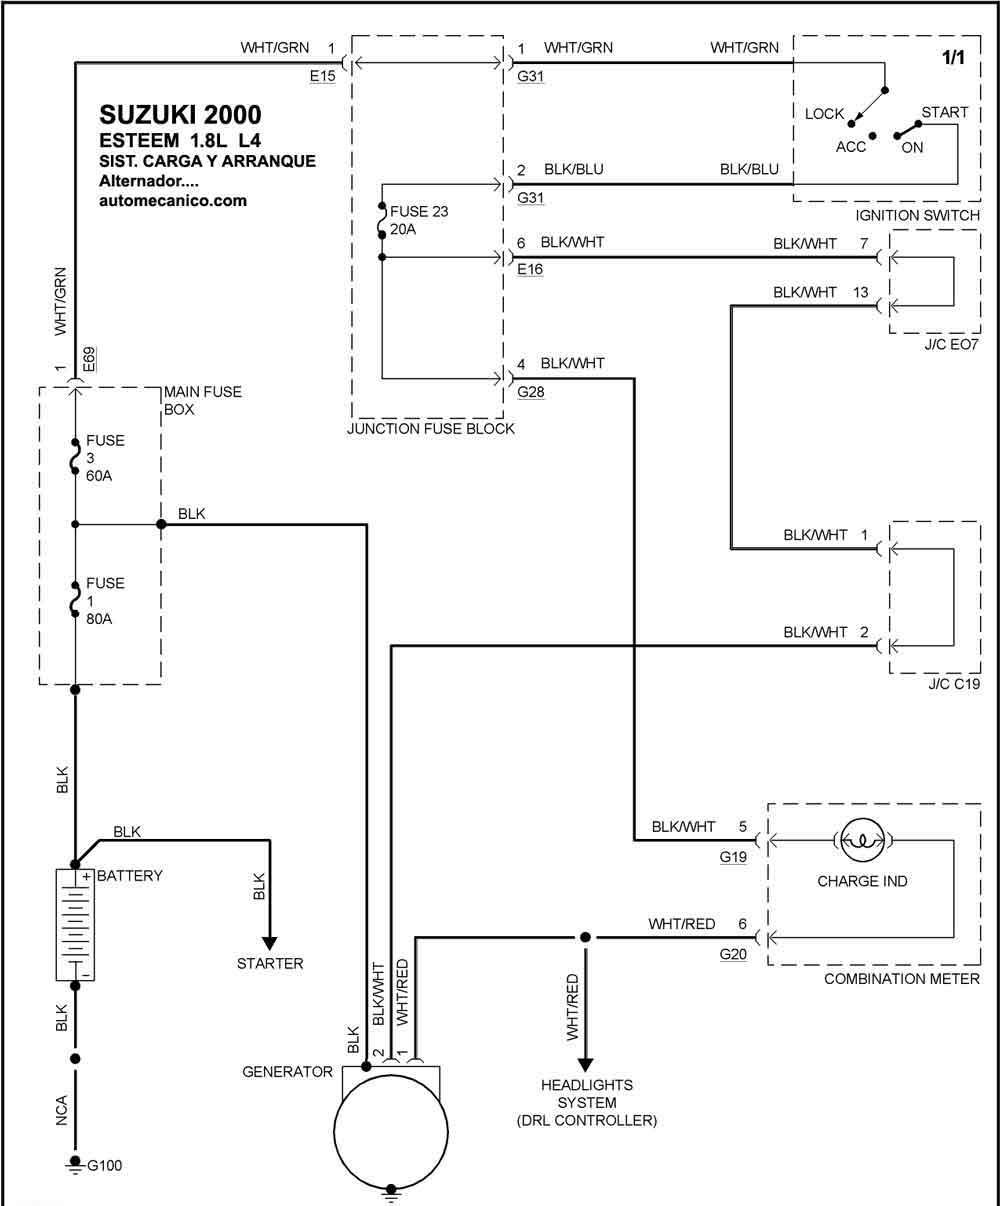 suzuki diagramas esquemas sistema de carga y arranque